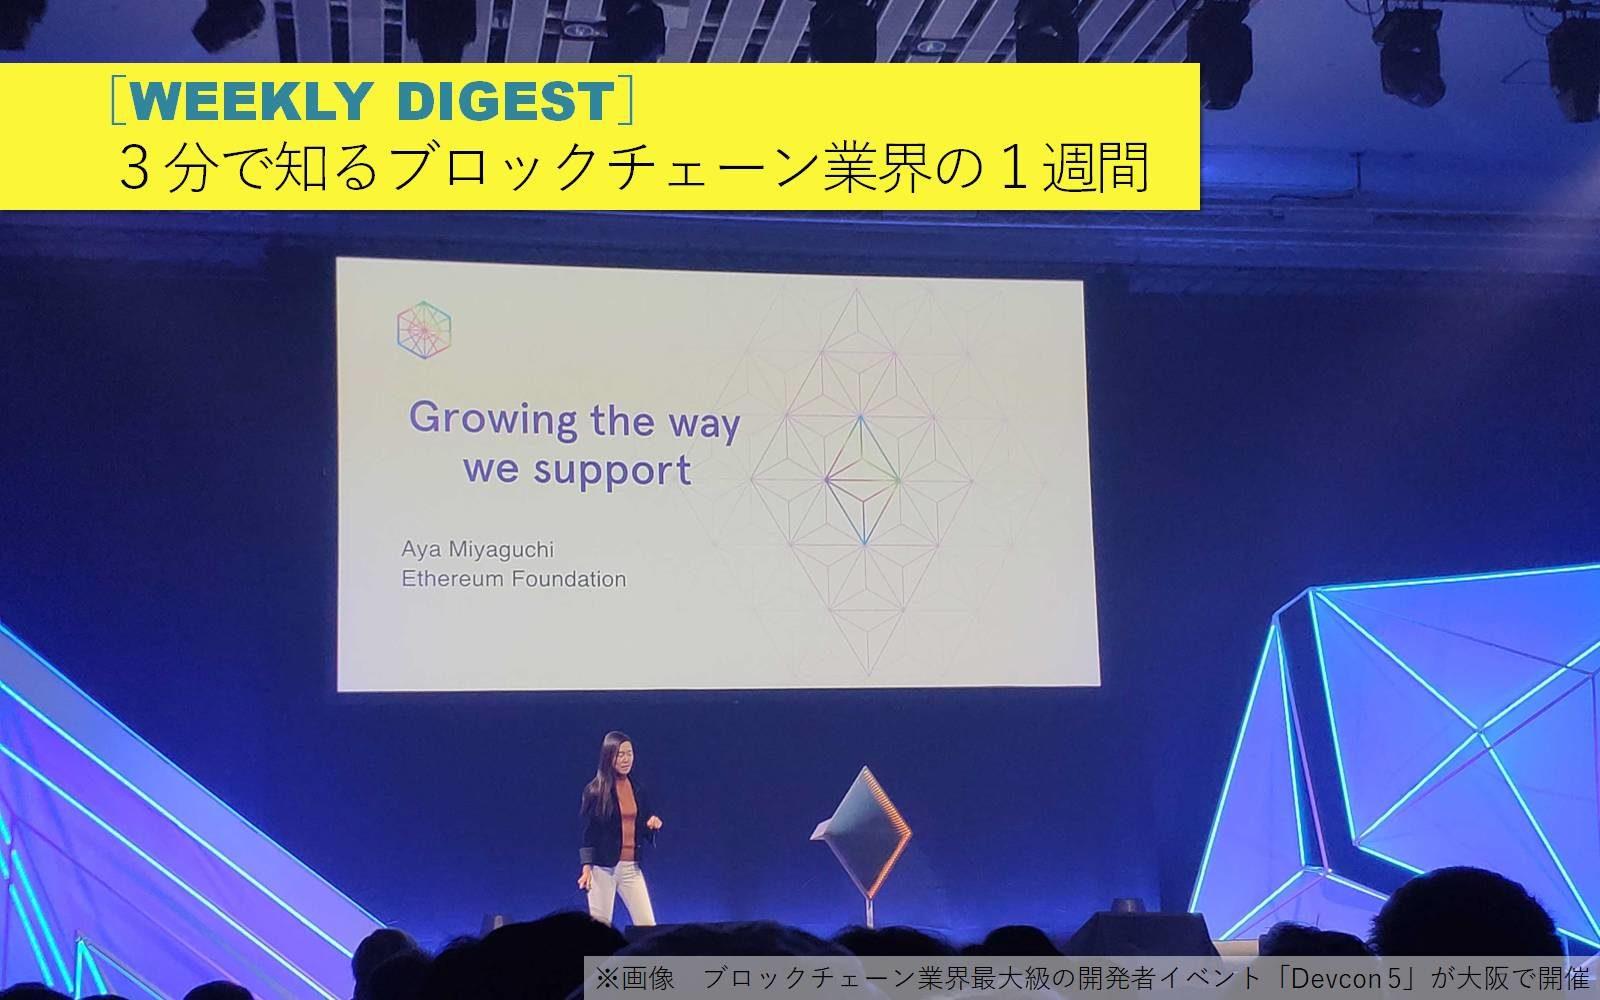 3分で知るブロックチェーン業界の1週間[10/7-10/20]Devcon5大阪開催/LayerXとCELにイーサリアム助成金/ユニセフが暗号通貨基金/ほか